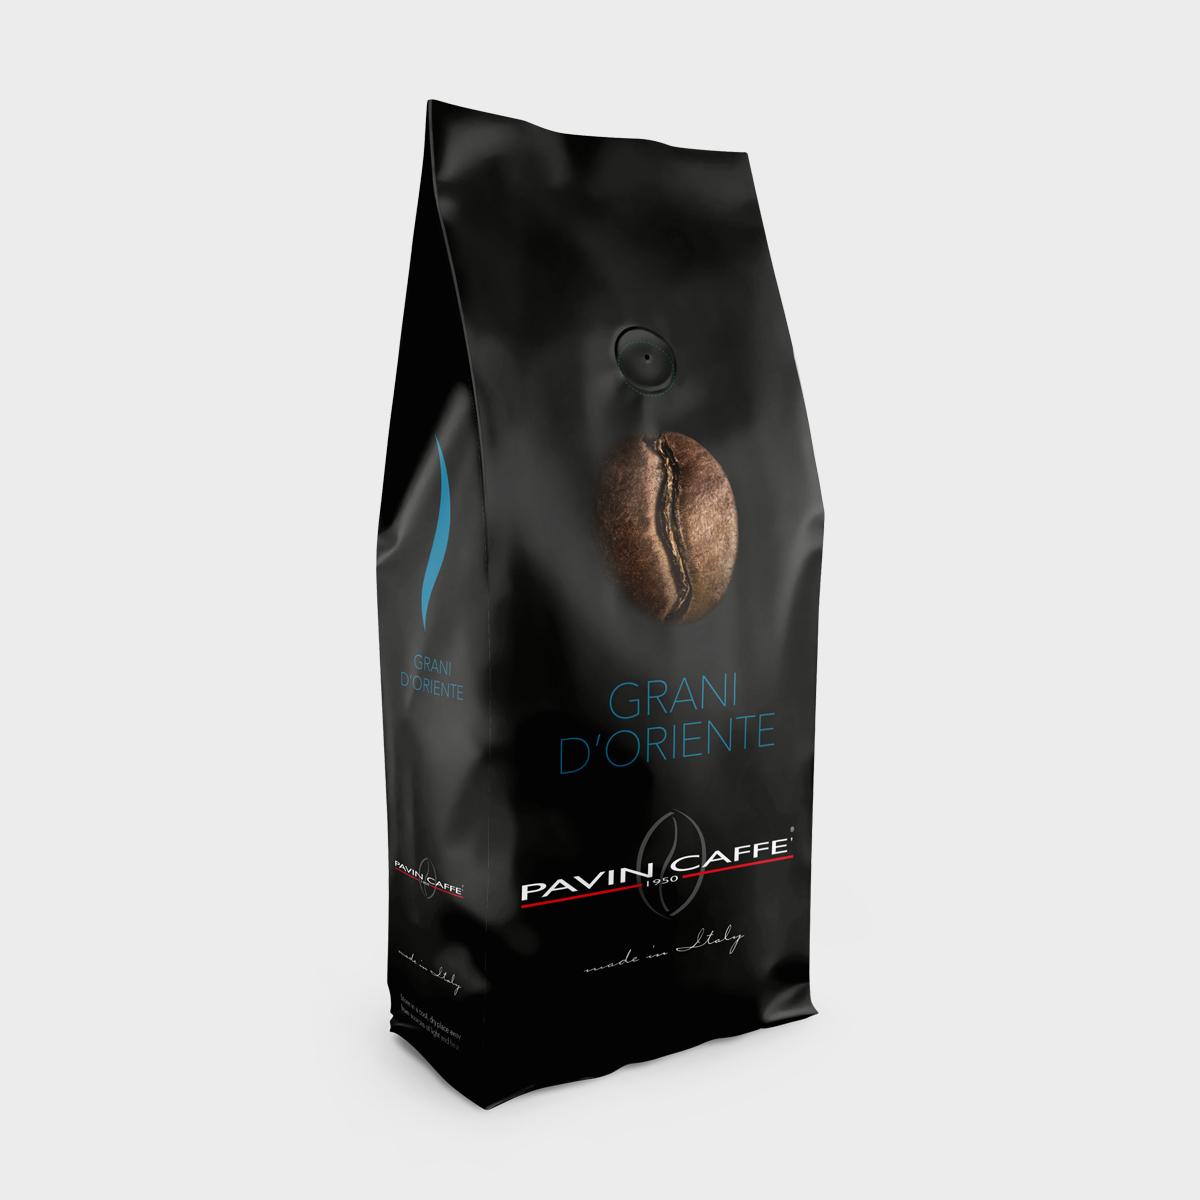 miscela-grani-oriente-1kg-caffe-pavin